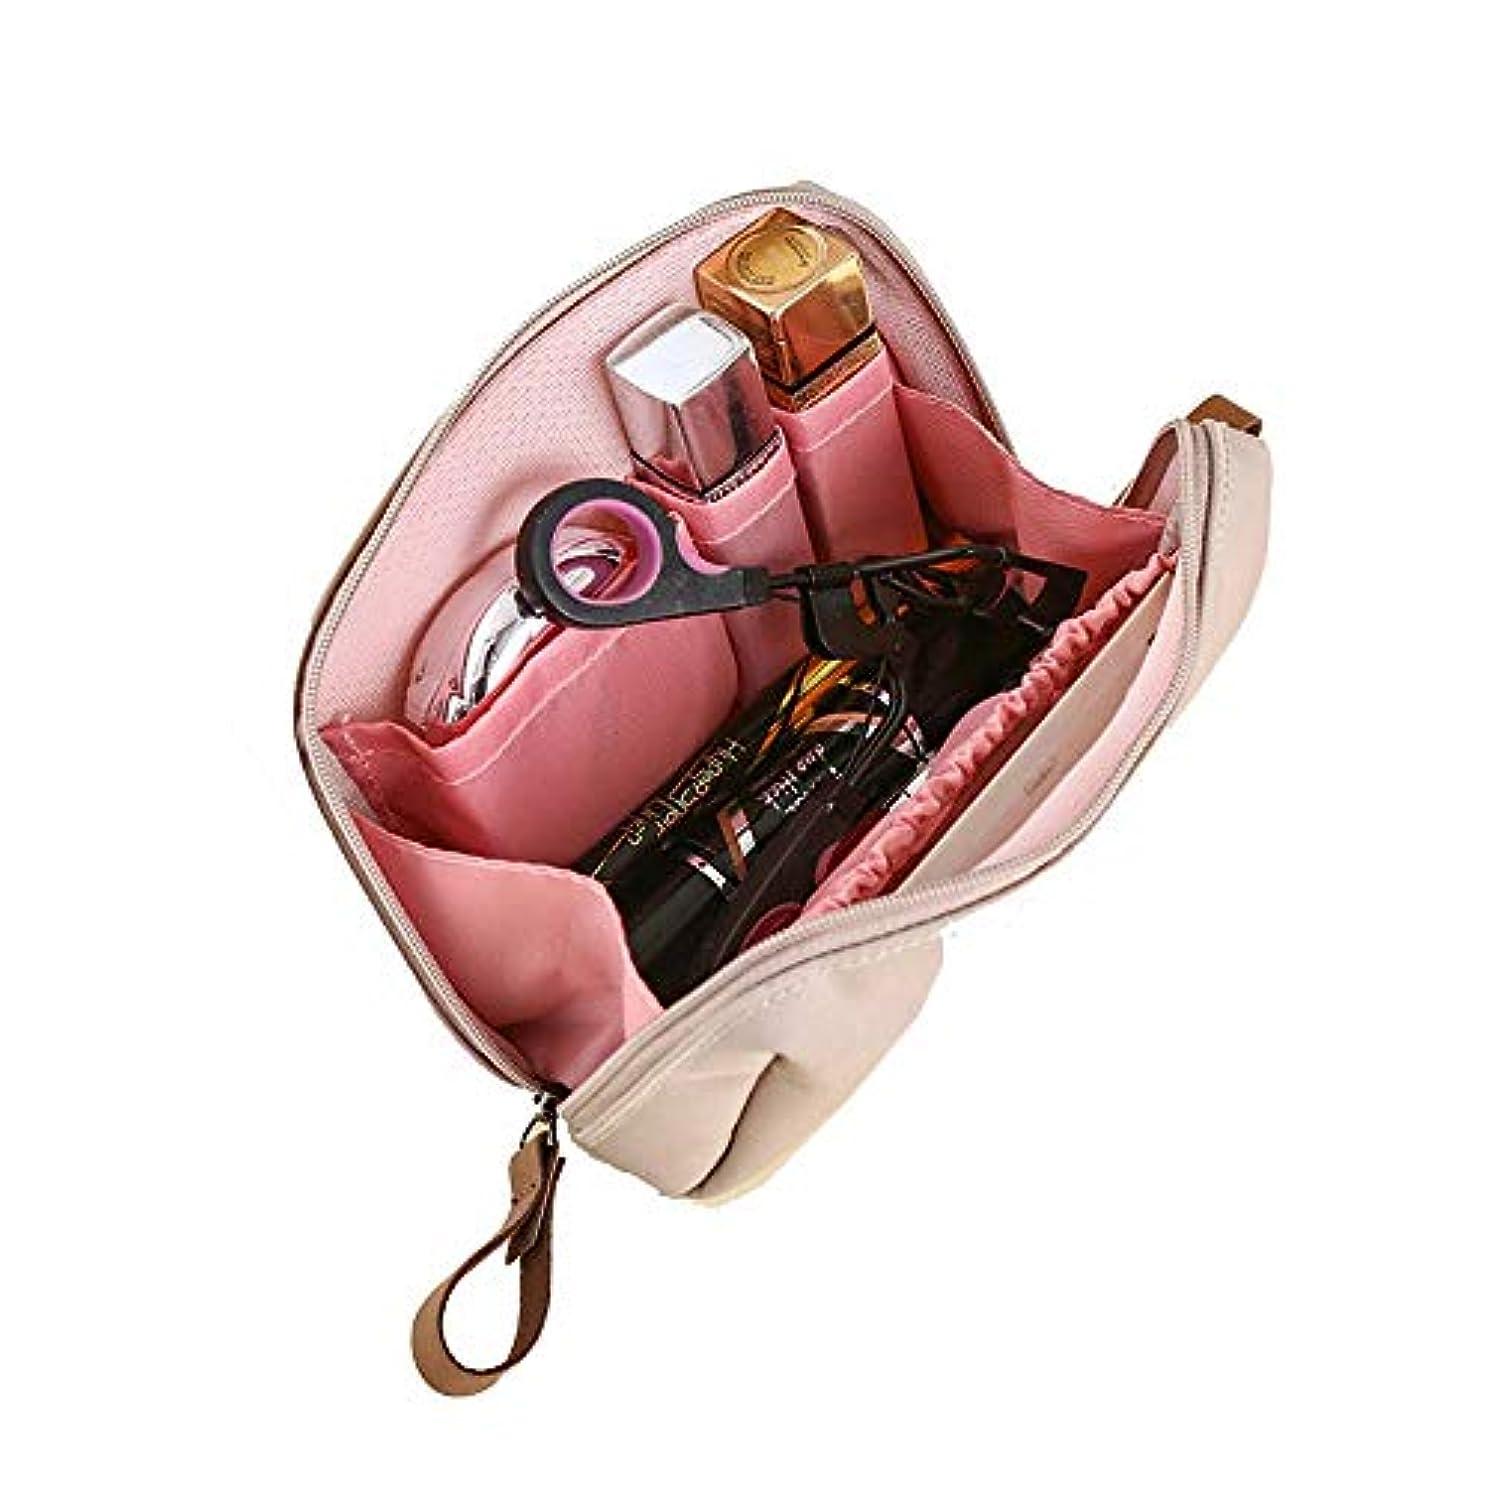 風味ドキドキくすぐったいMOCOFO 無地の化粧ポーチ コスメポーチ小物入れ ペンケース ピンク 大容量レディバニティバッグ